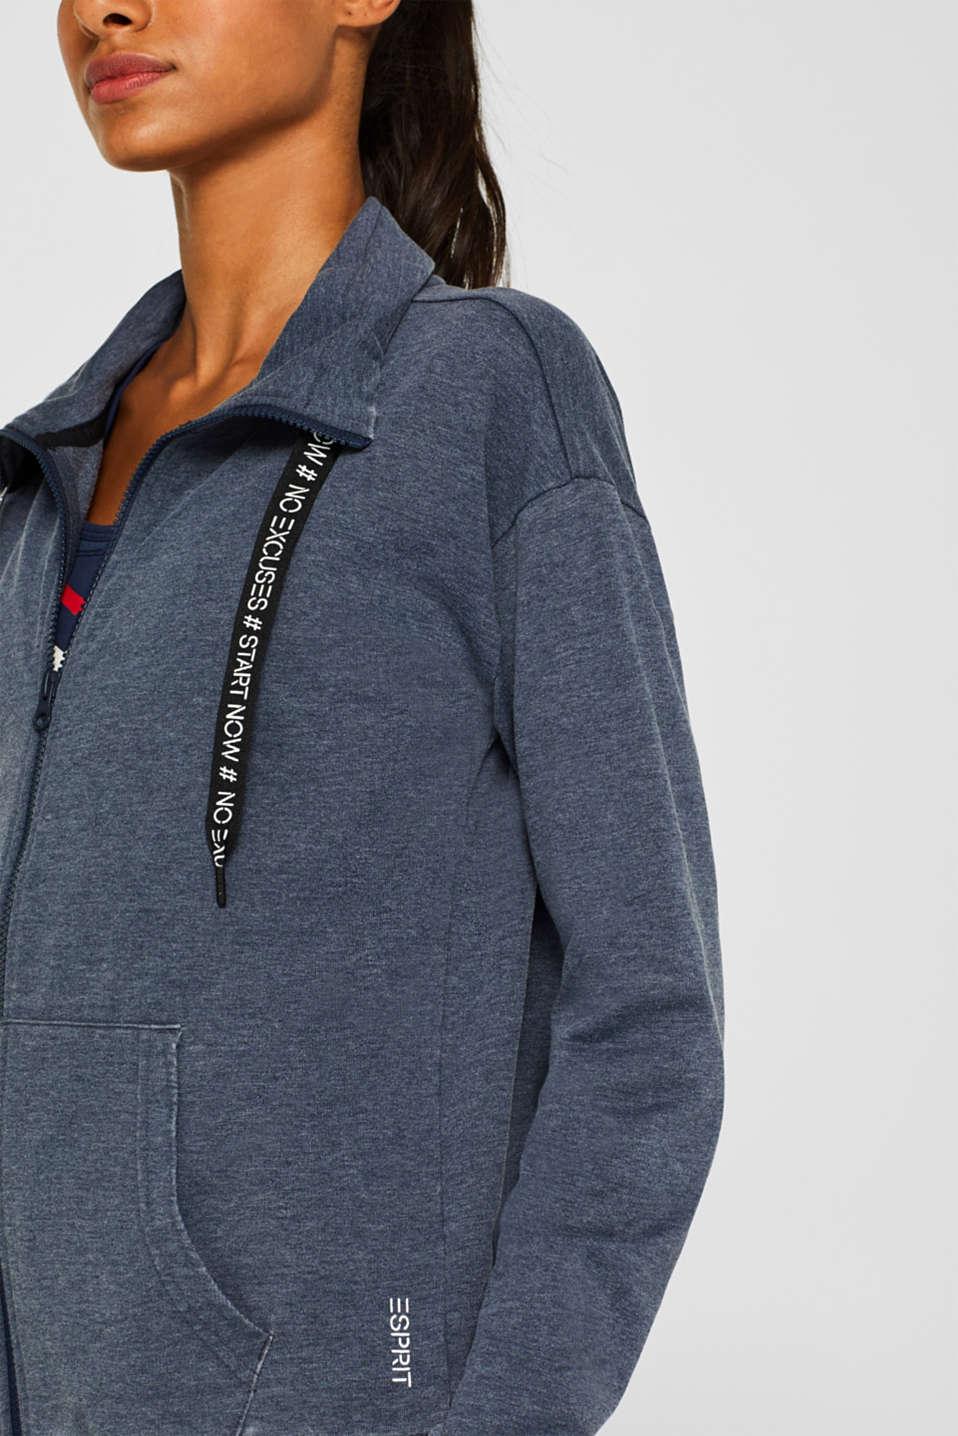 Sweatshirts cardigan, NAVY, detail image number 1